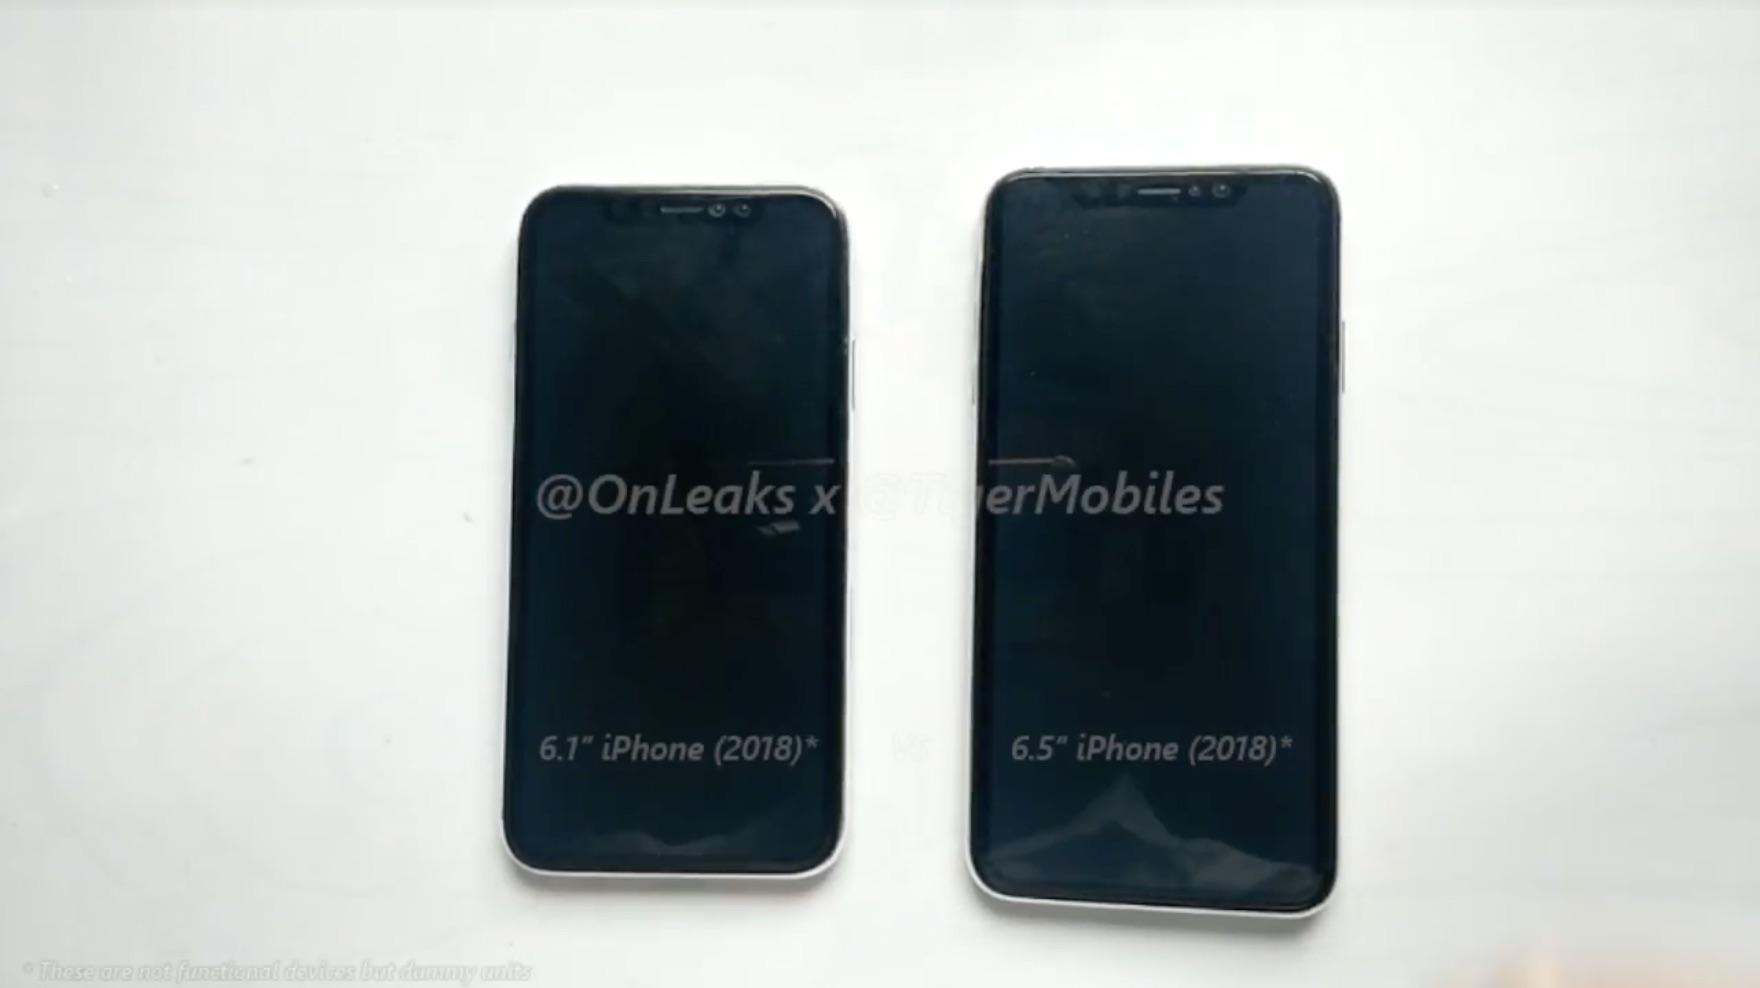 新型iPhone、6.1インチ・6.5インチのダミーモデル動画が公開